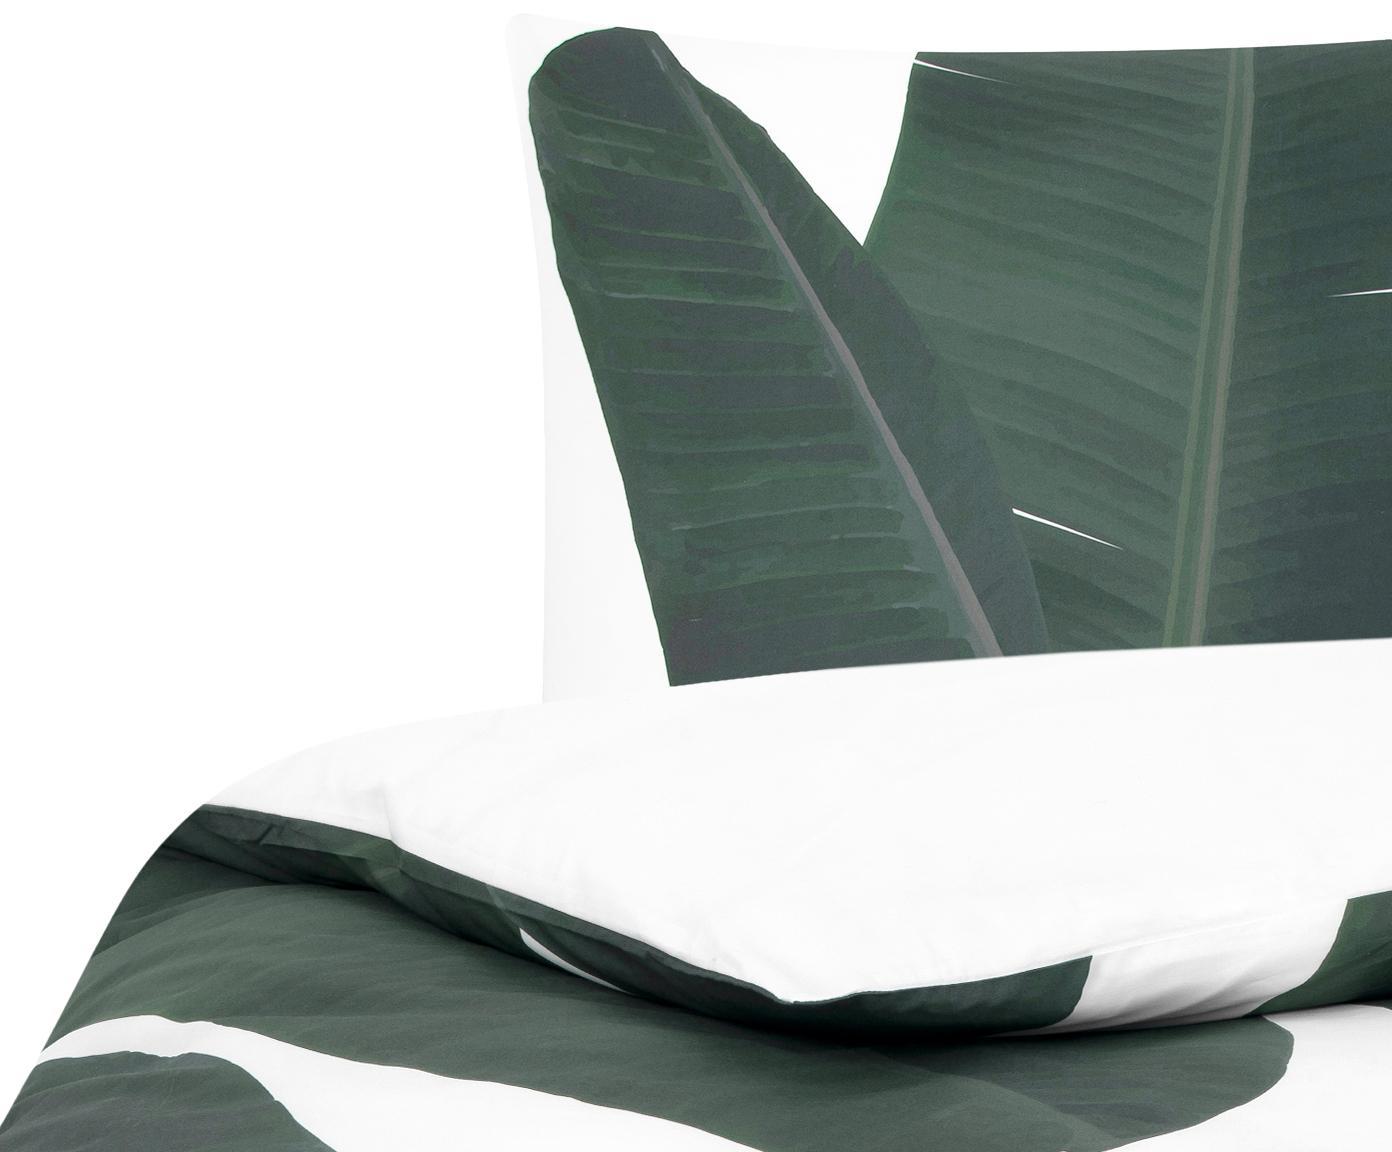 Baumwollperkal-Bettwäsche Banana mit Blattmotiv, Webart: Perkal Fadendichte 180 TC, Vorderseite: GrüntöneRückseite: Weiß, Uni, 155 x 220 cm + 1 Kissen 80 x 80 cm